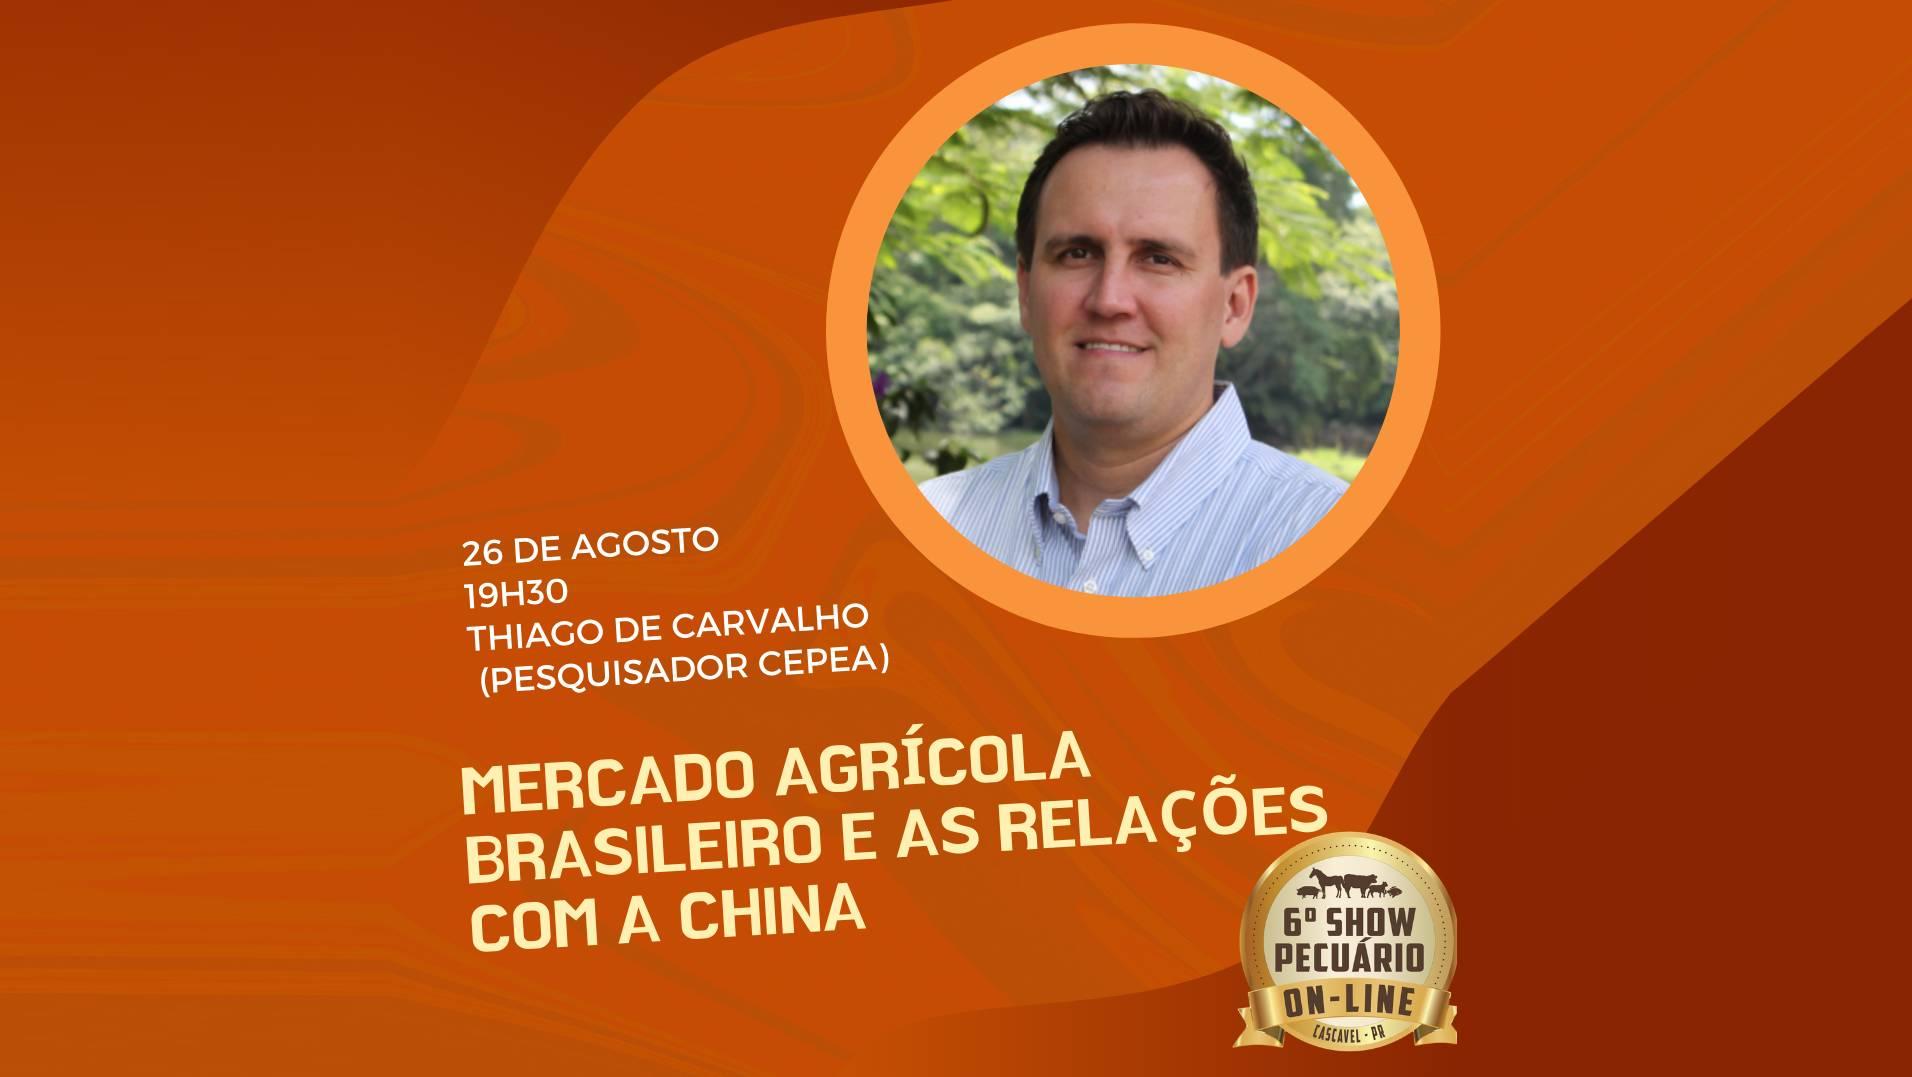 Show Pecuário 2020: Palestra desta quarta será sobre mercado agro e relação com a China